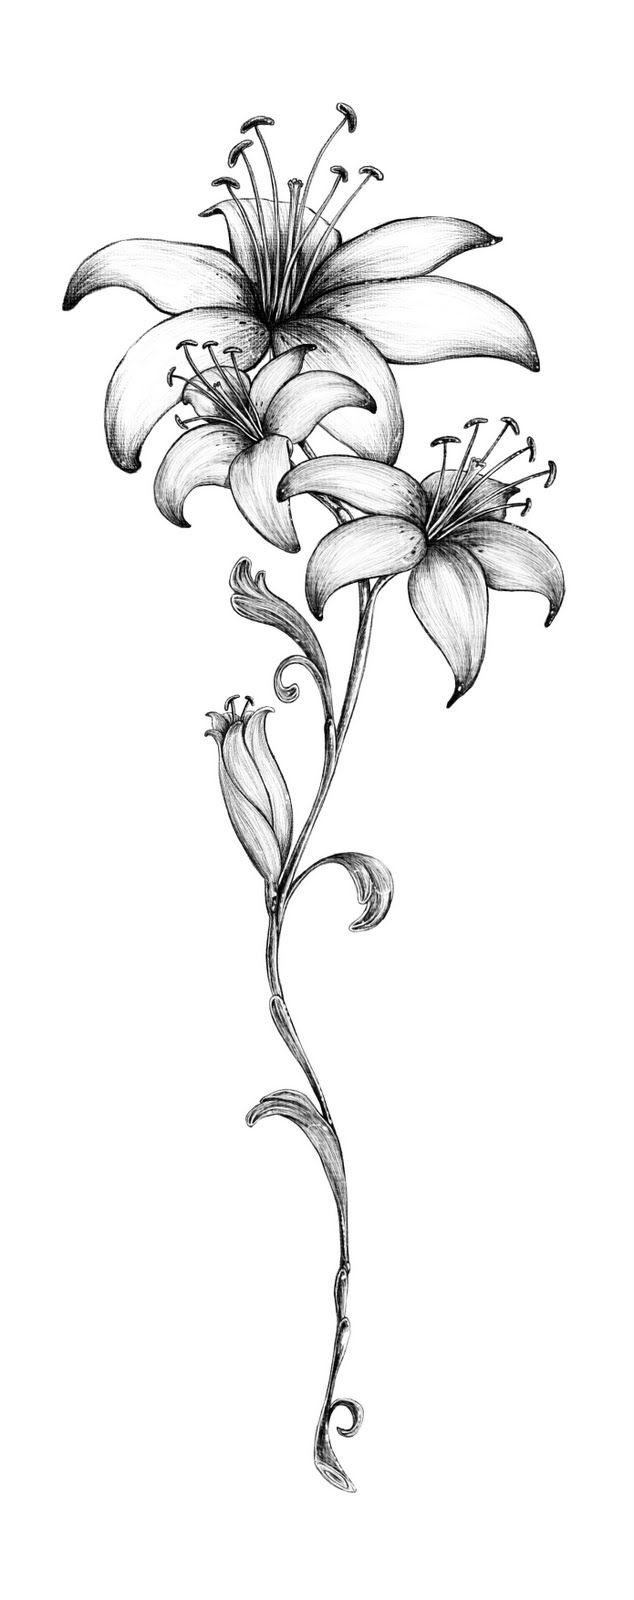 die besten 25 lilien tattoo ideen auf pinterest lilientattoo lilie tattoo rmel und lilien. Black Bedroom Furniture Sets. Home Design Ideas